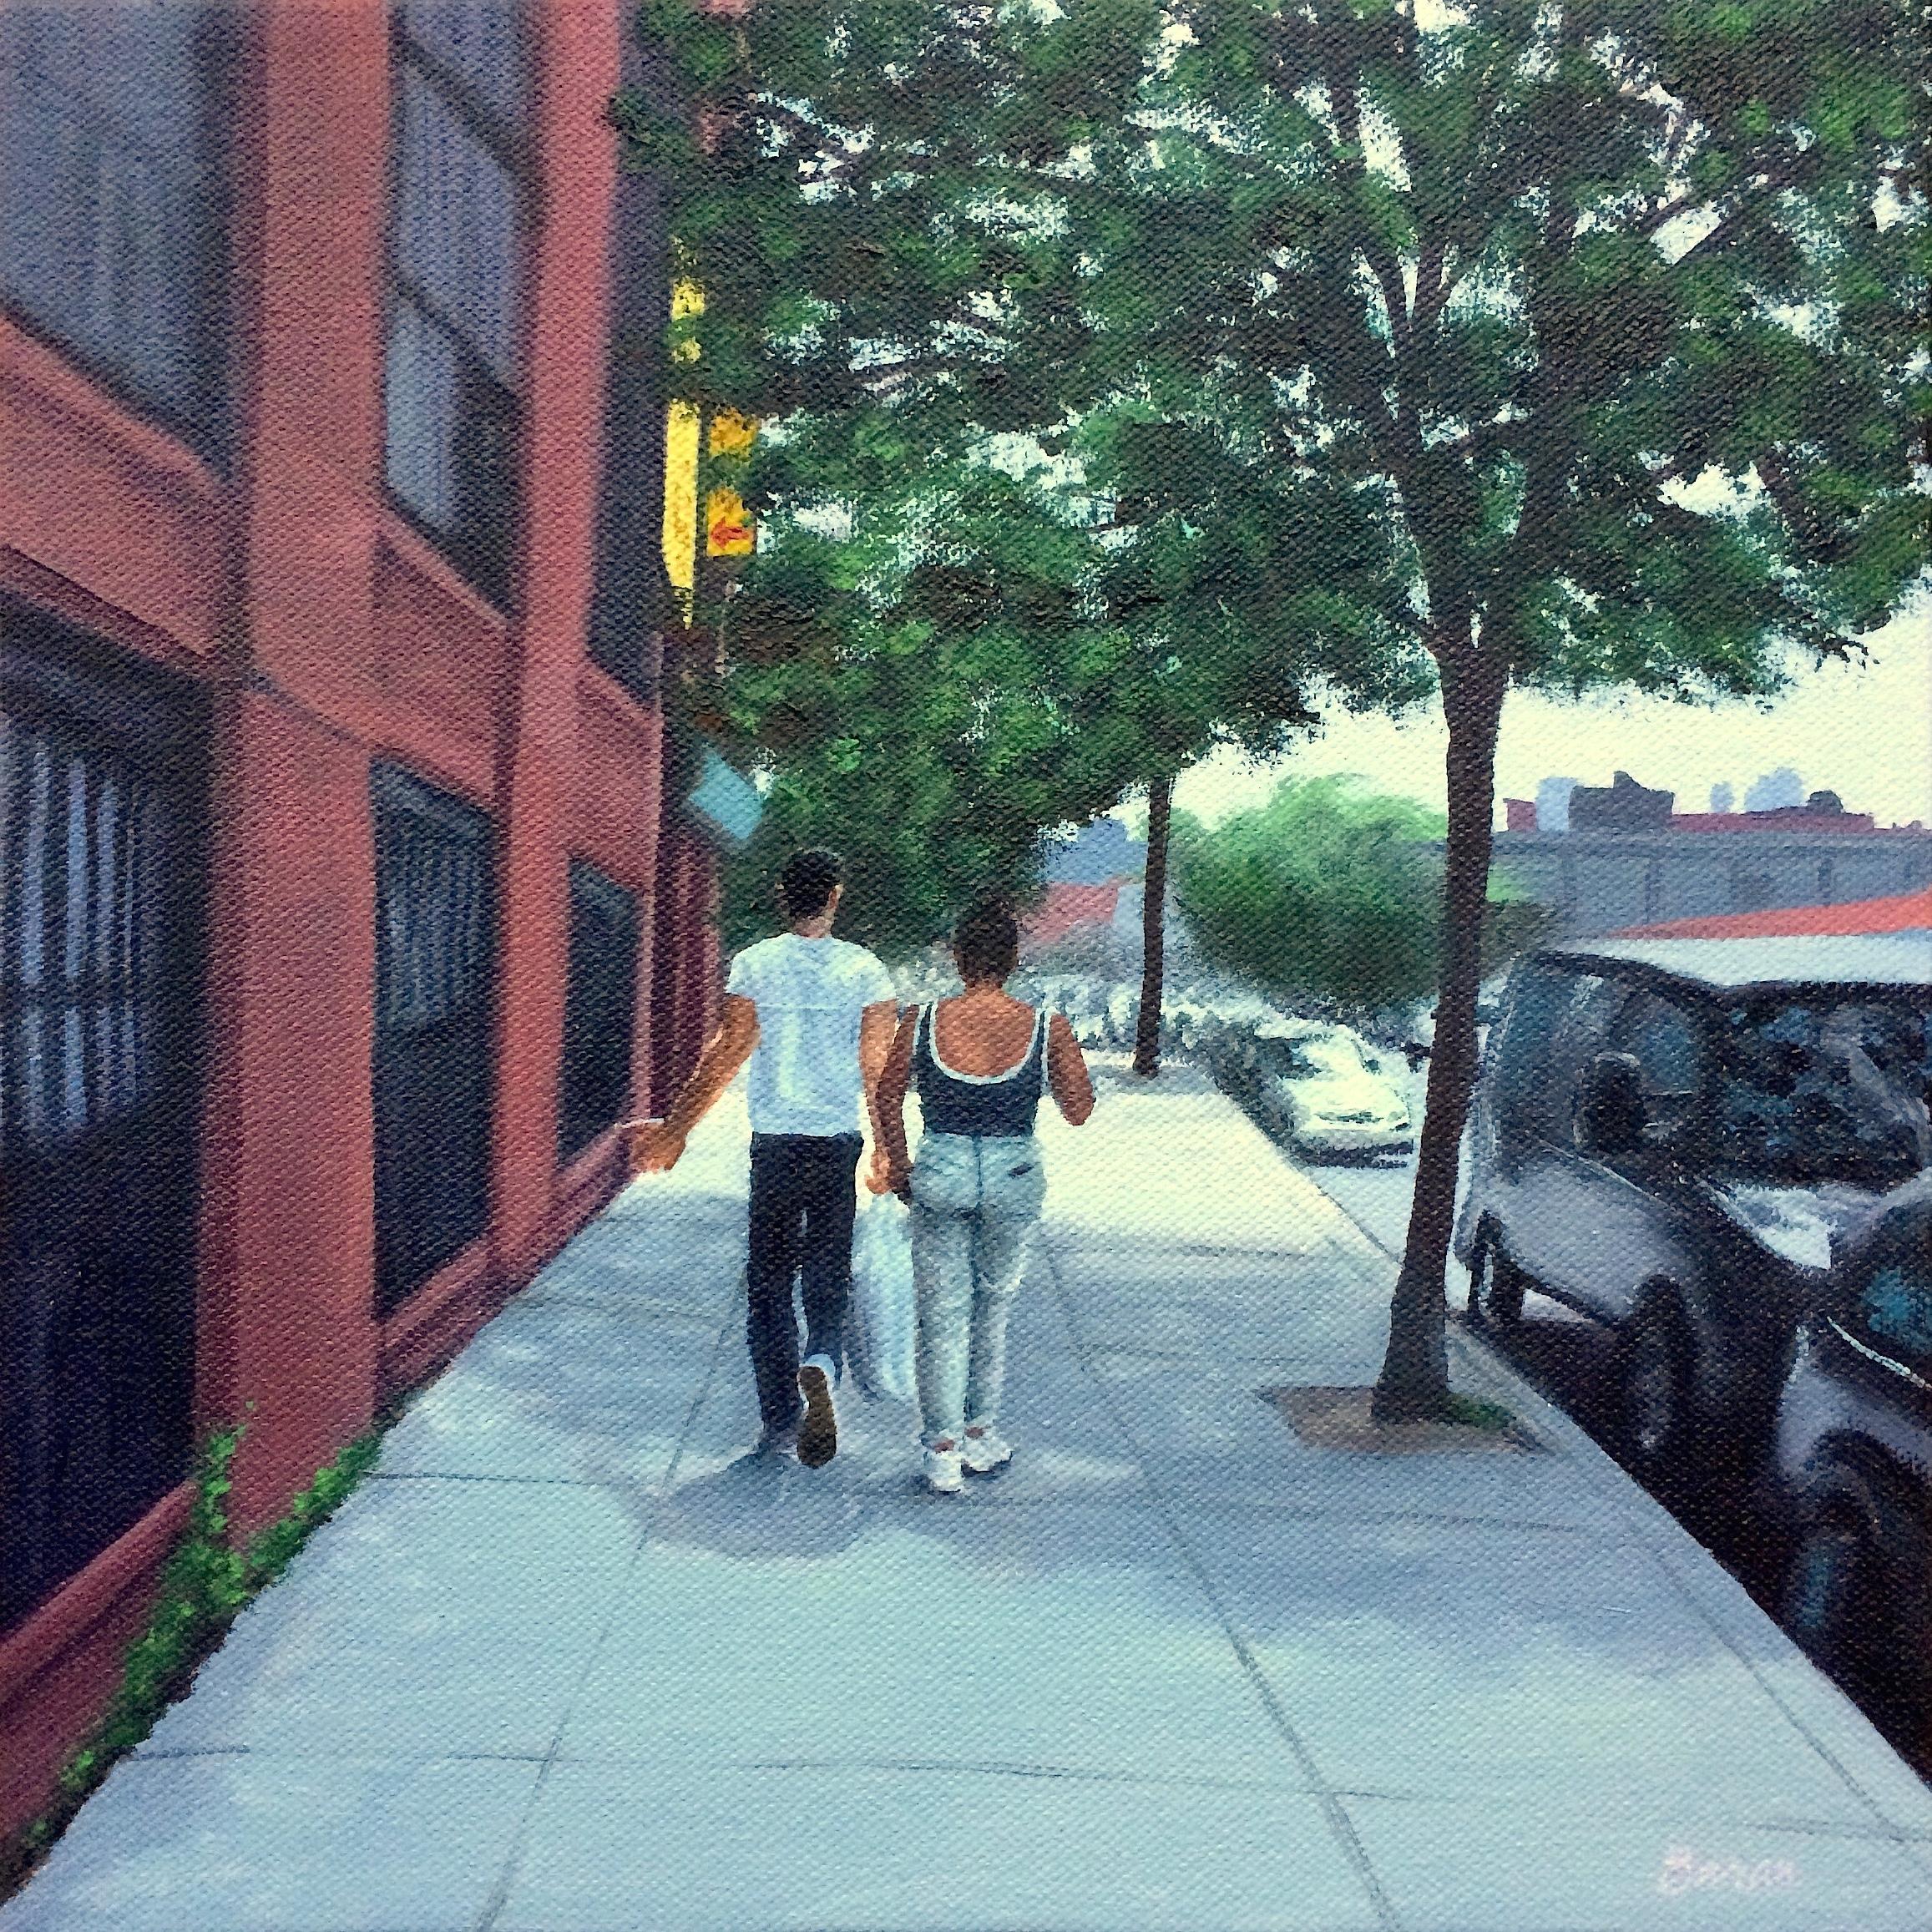 Laura Baran,  Summer Sidewalk , oil on canvas, 12 x 12, $500